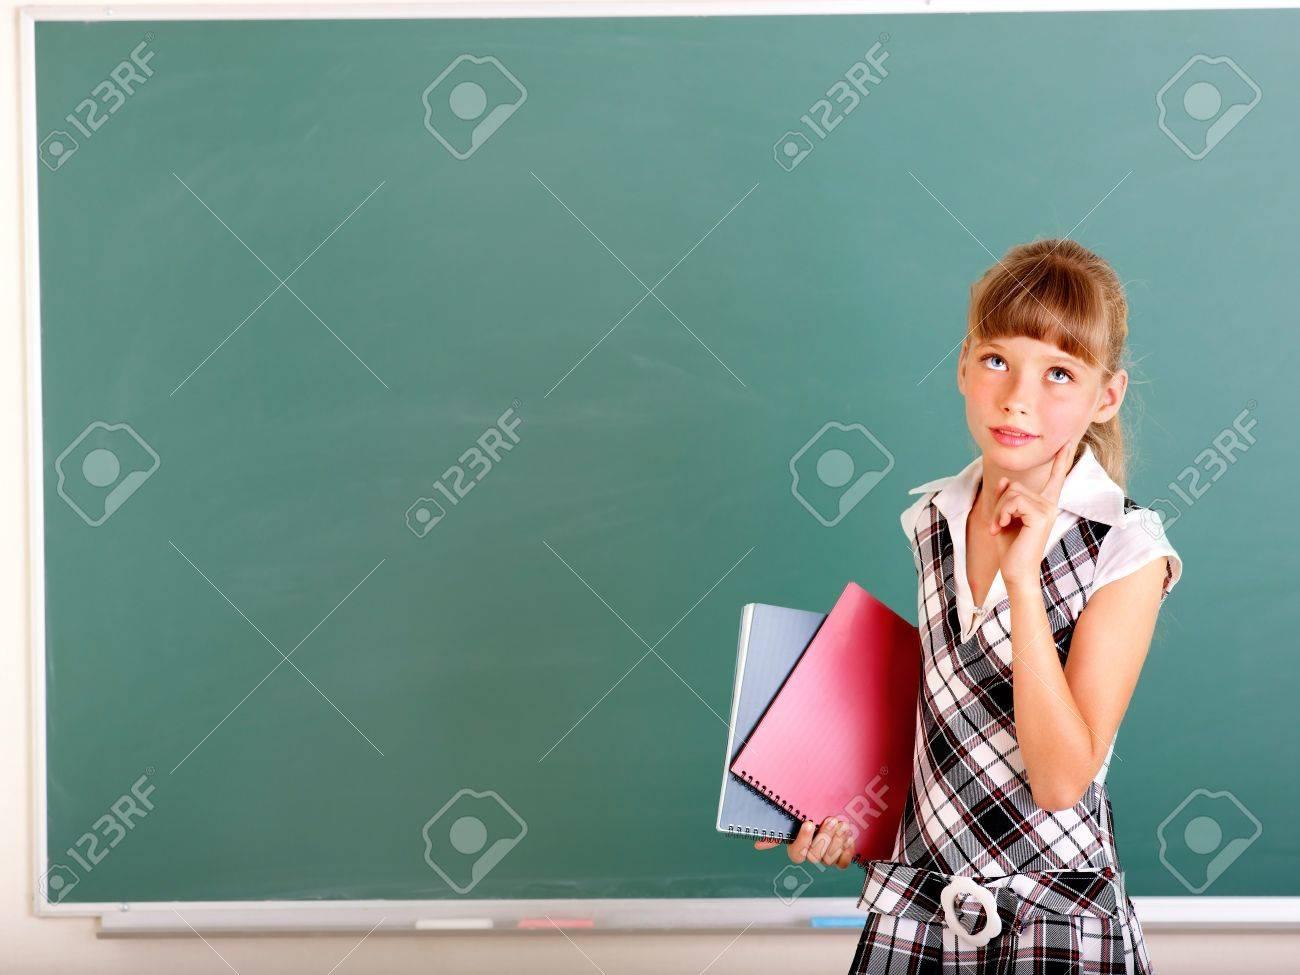 Happy schoolchild in classroom near blackboard. Stock Photo - 13258615